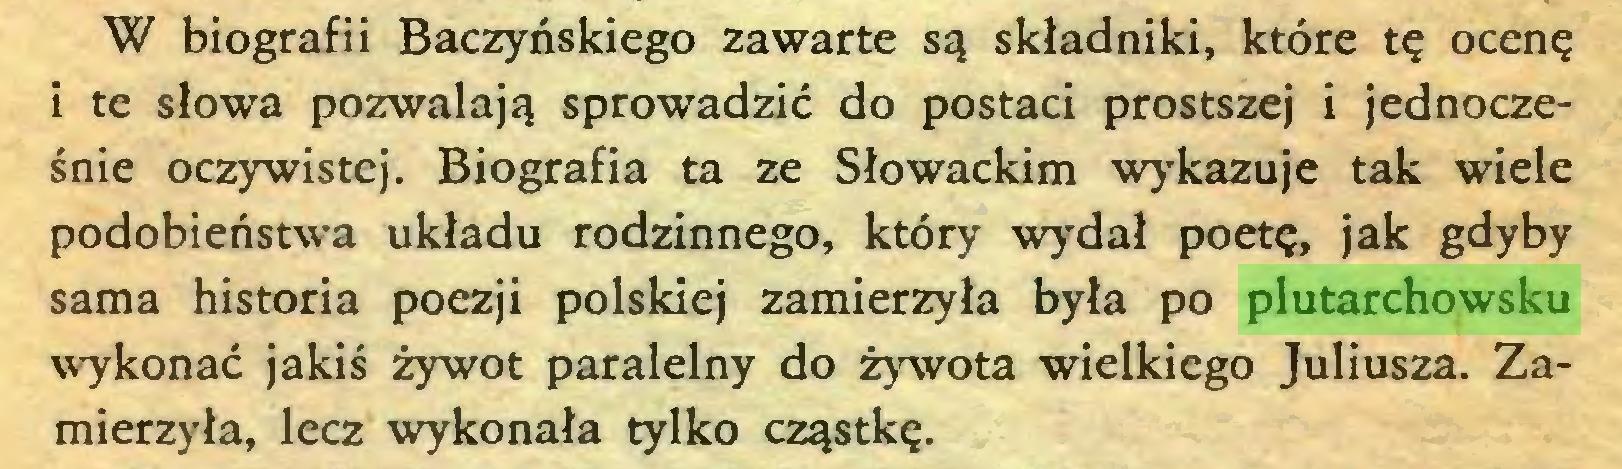 (...) W biografii Baczyńskiego zawarte są składniki, które tę ocenę i te słowa pozwalają sprowadzić do postaci prostszej i jednocześnie oczywistej. Biografia ta ze Słowackim wykazuje tak wiele podobieństwa układu rodzinnego, który wydał poetę, jak gdyby sama historia poezji polskiej zamierzyła była po plutarchowsku wykonać jakiś żywot paralelny do żywota wielkiego Juliusza. Zamierzyła, lecz wykonała tylko cząstkę...